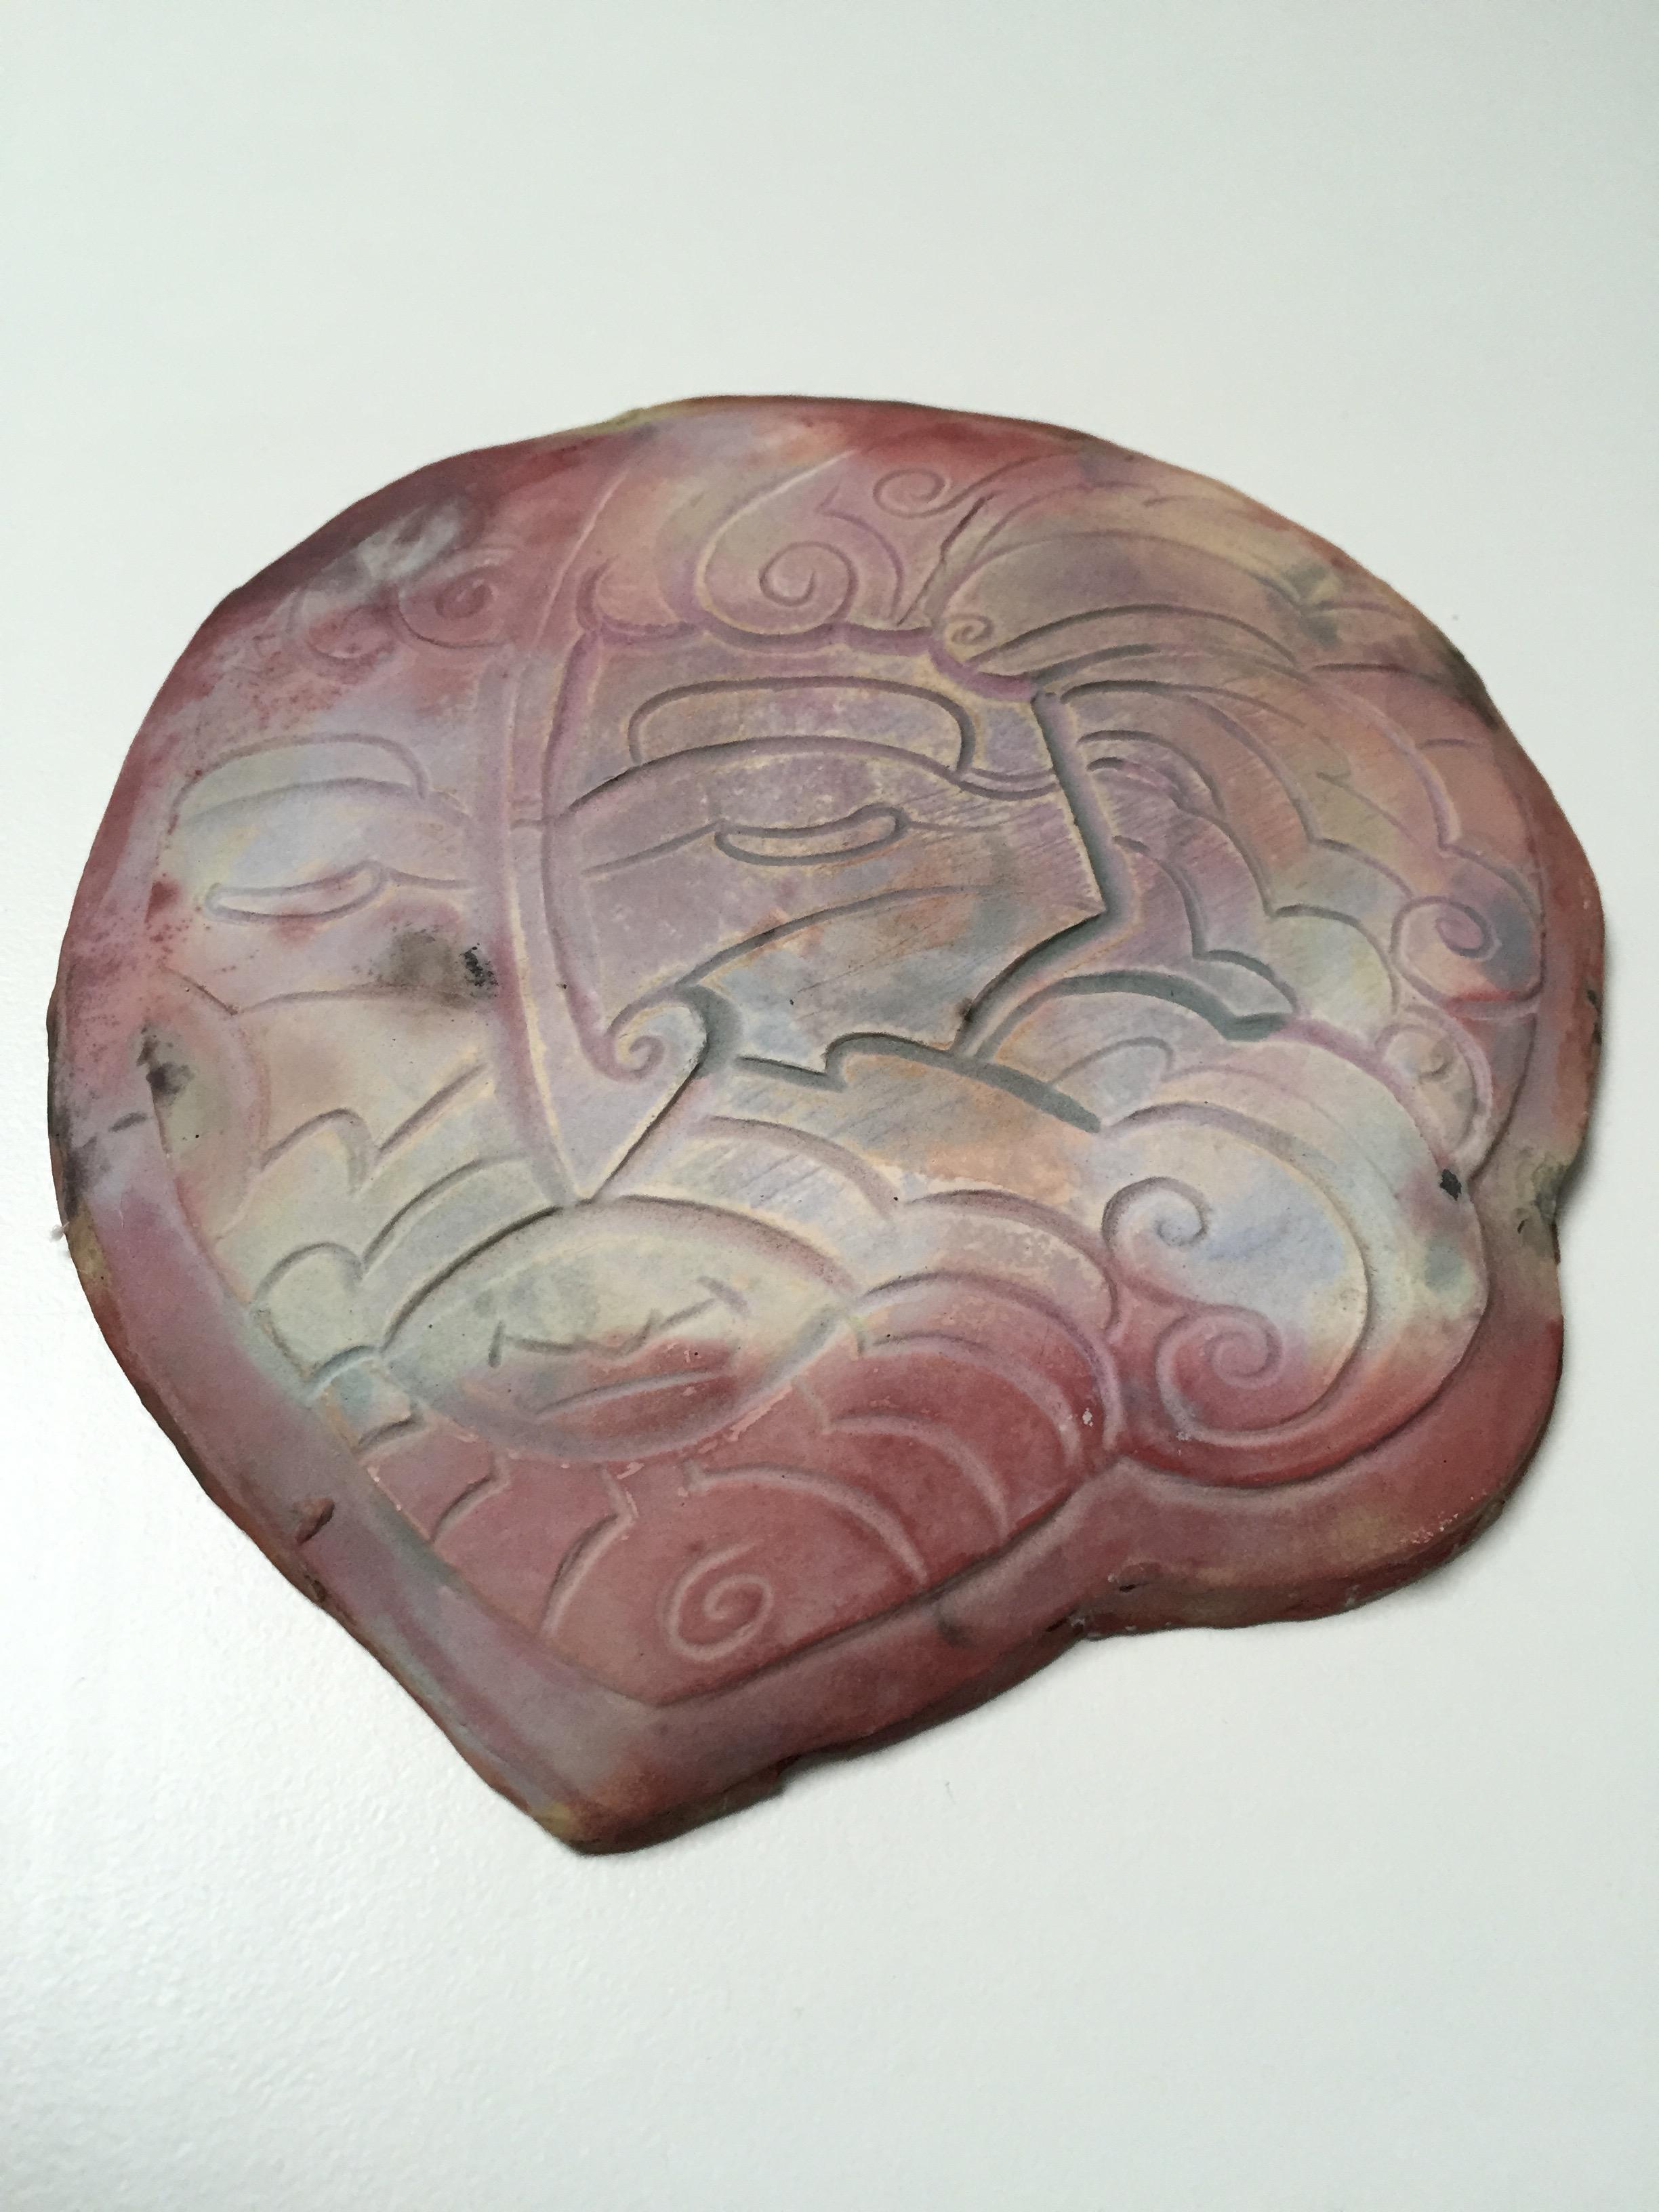 Mediation Stone